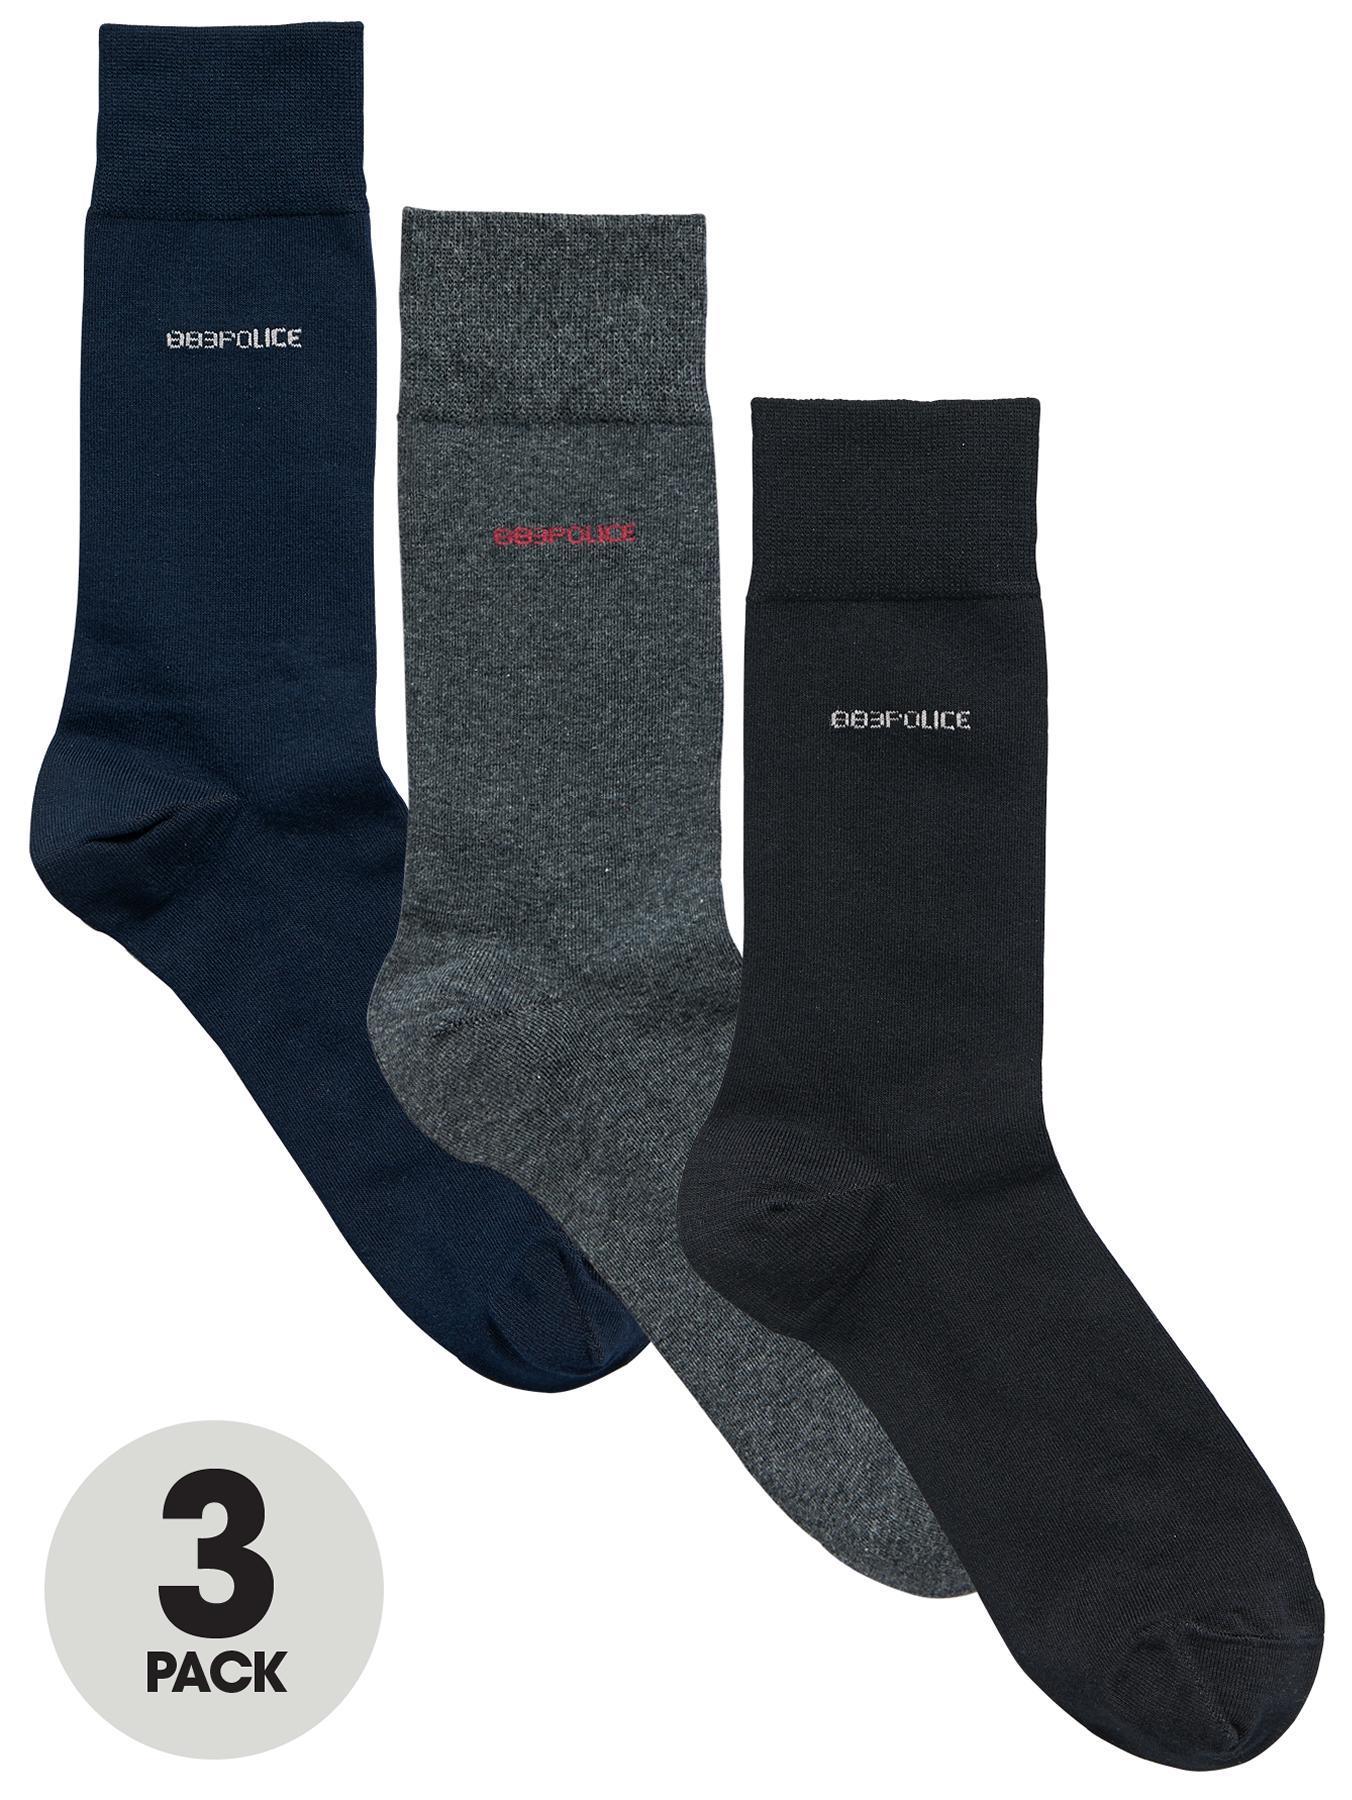 883 Police Deseo Socks (3 Pack) - Navy, Navy